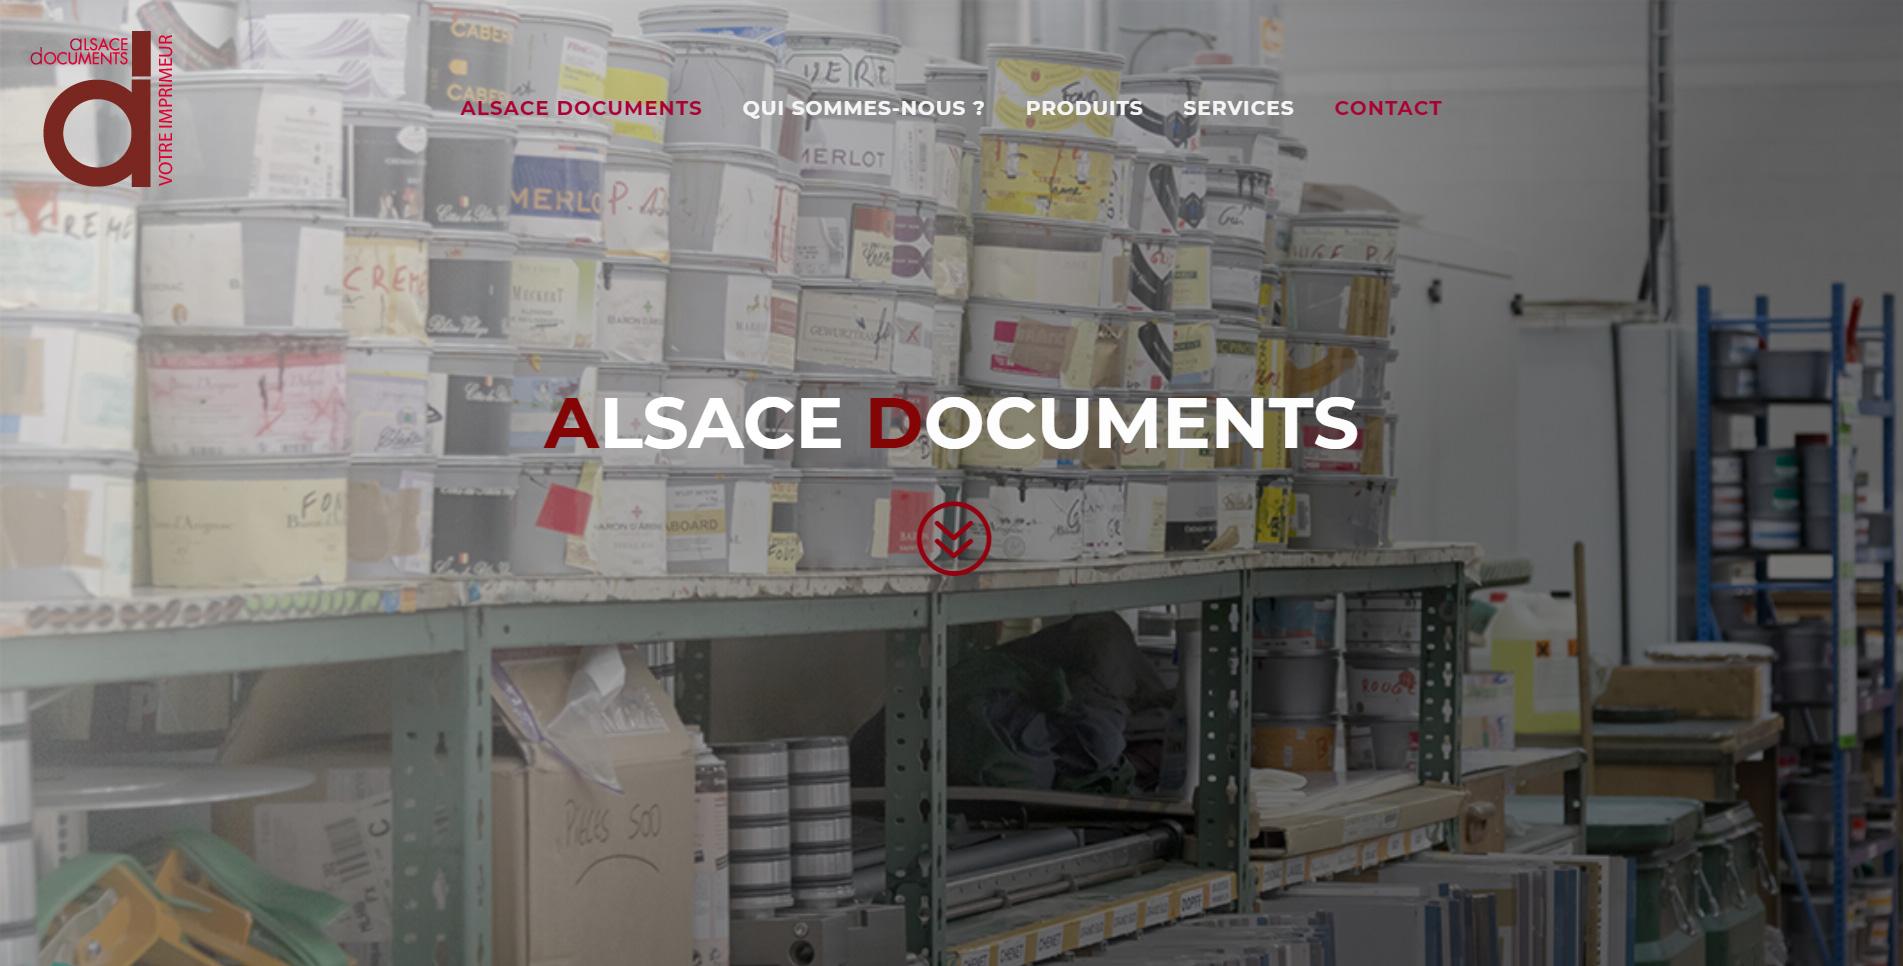 alsace documents est un client de l'agence web Karedess, agence web situé à Mulhouse